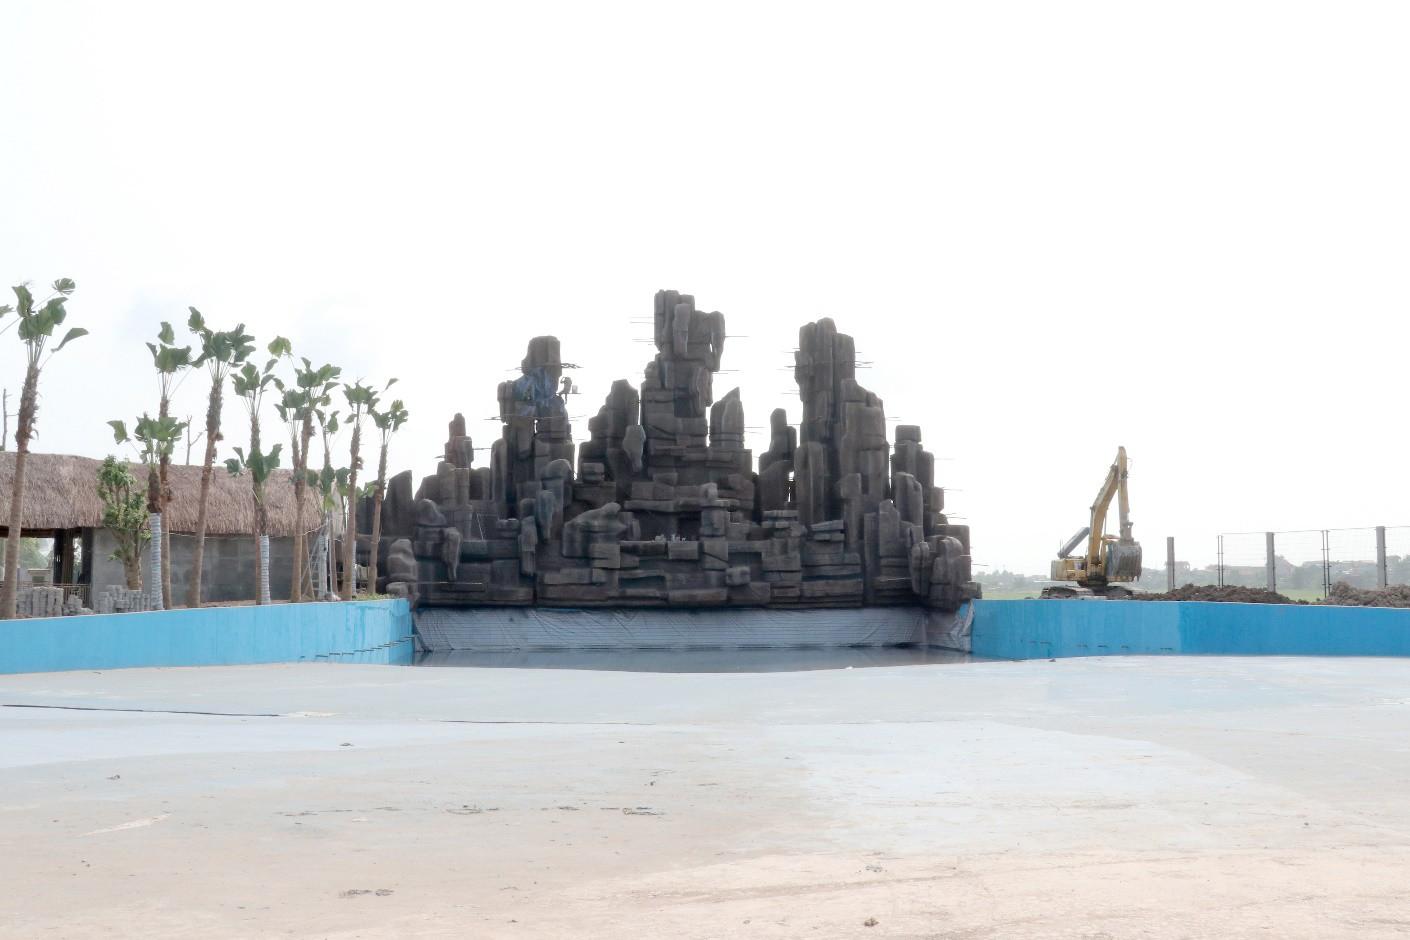 Tập đoàn Mường Thanh: Sắp khai trương công viên nước Thanh Hà lớn nhất Hà Nội - Ảnh 2.